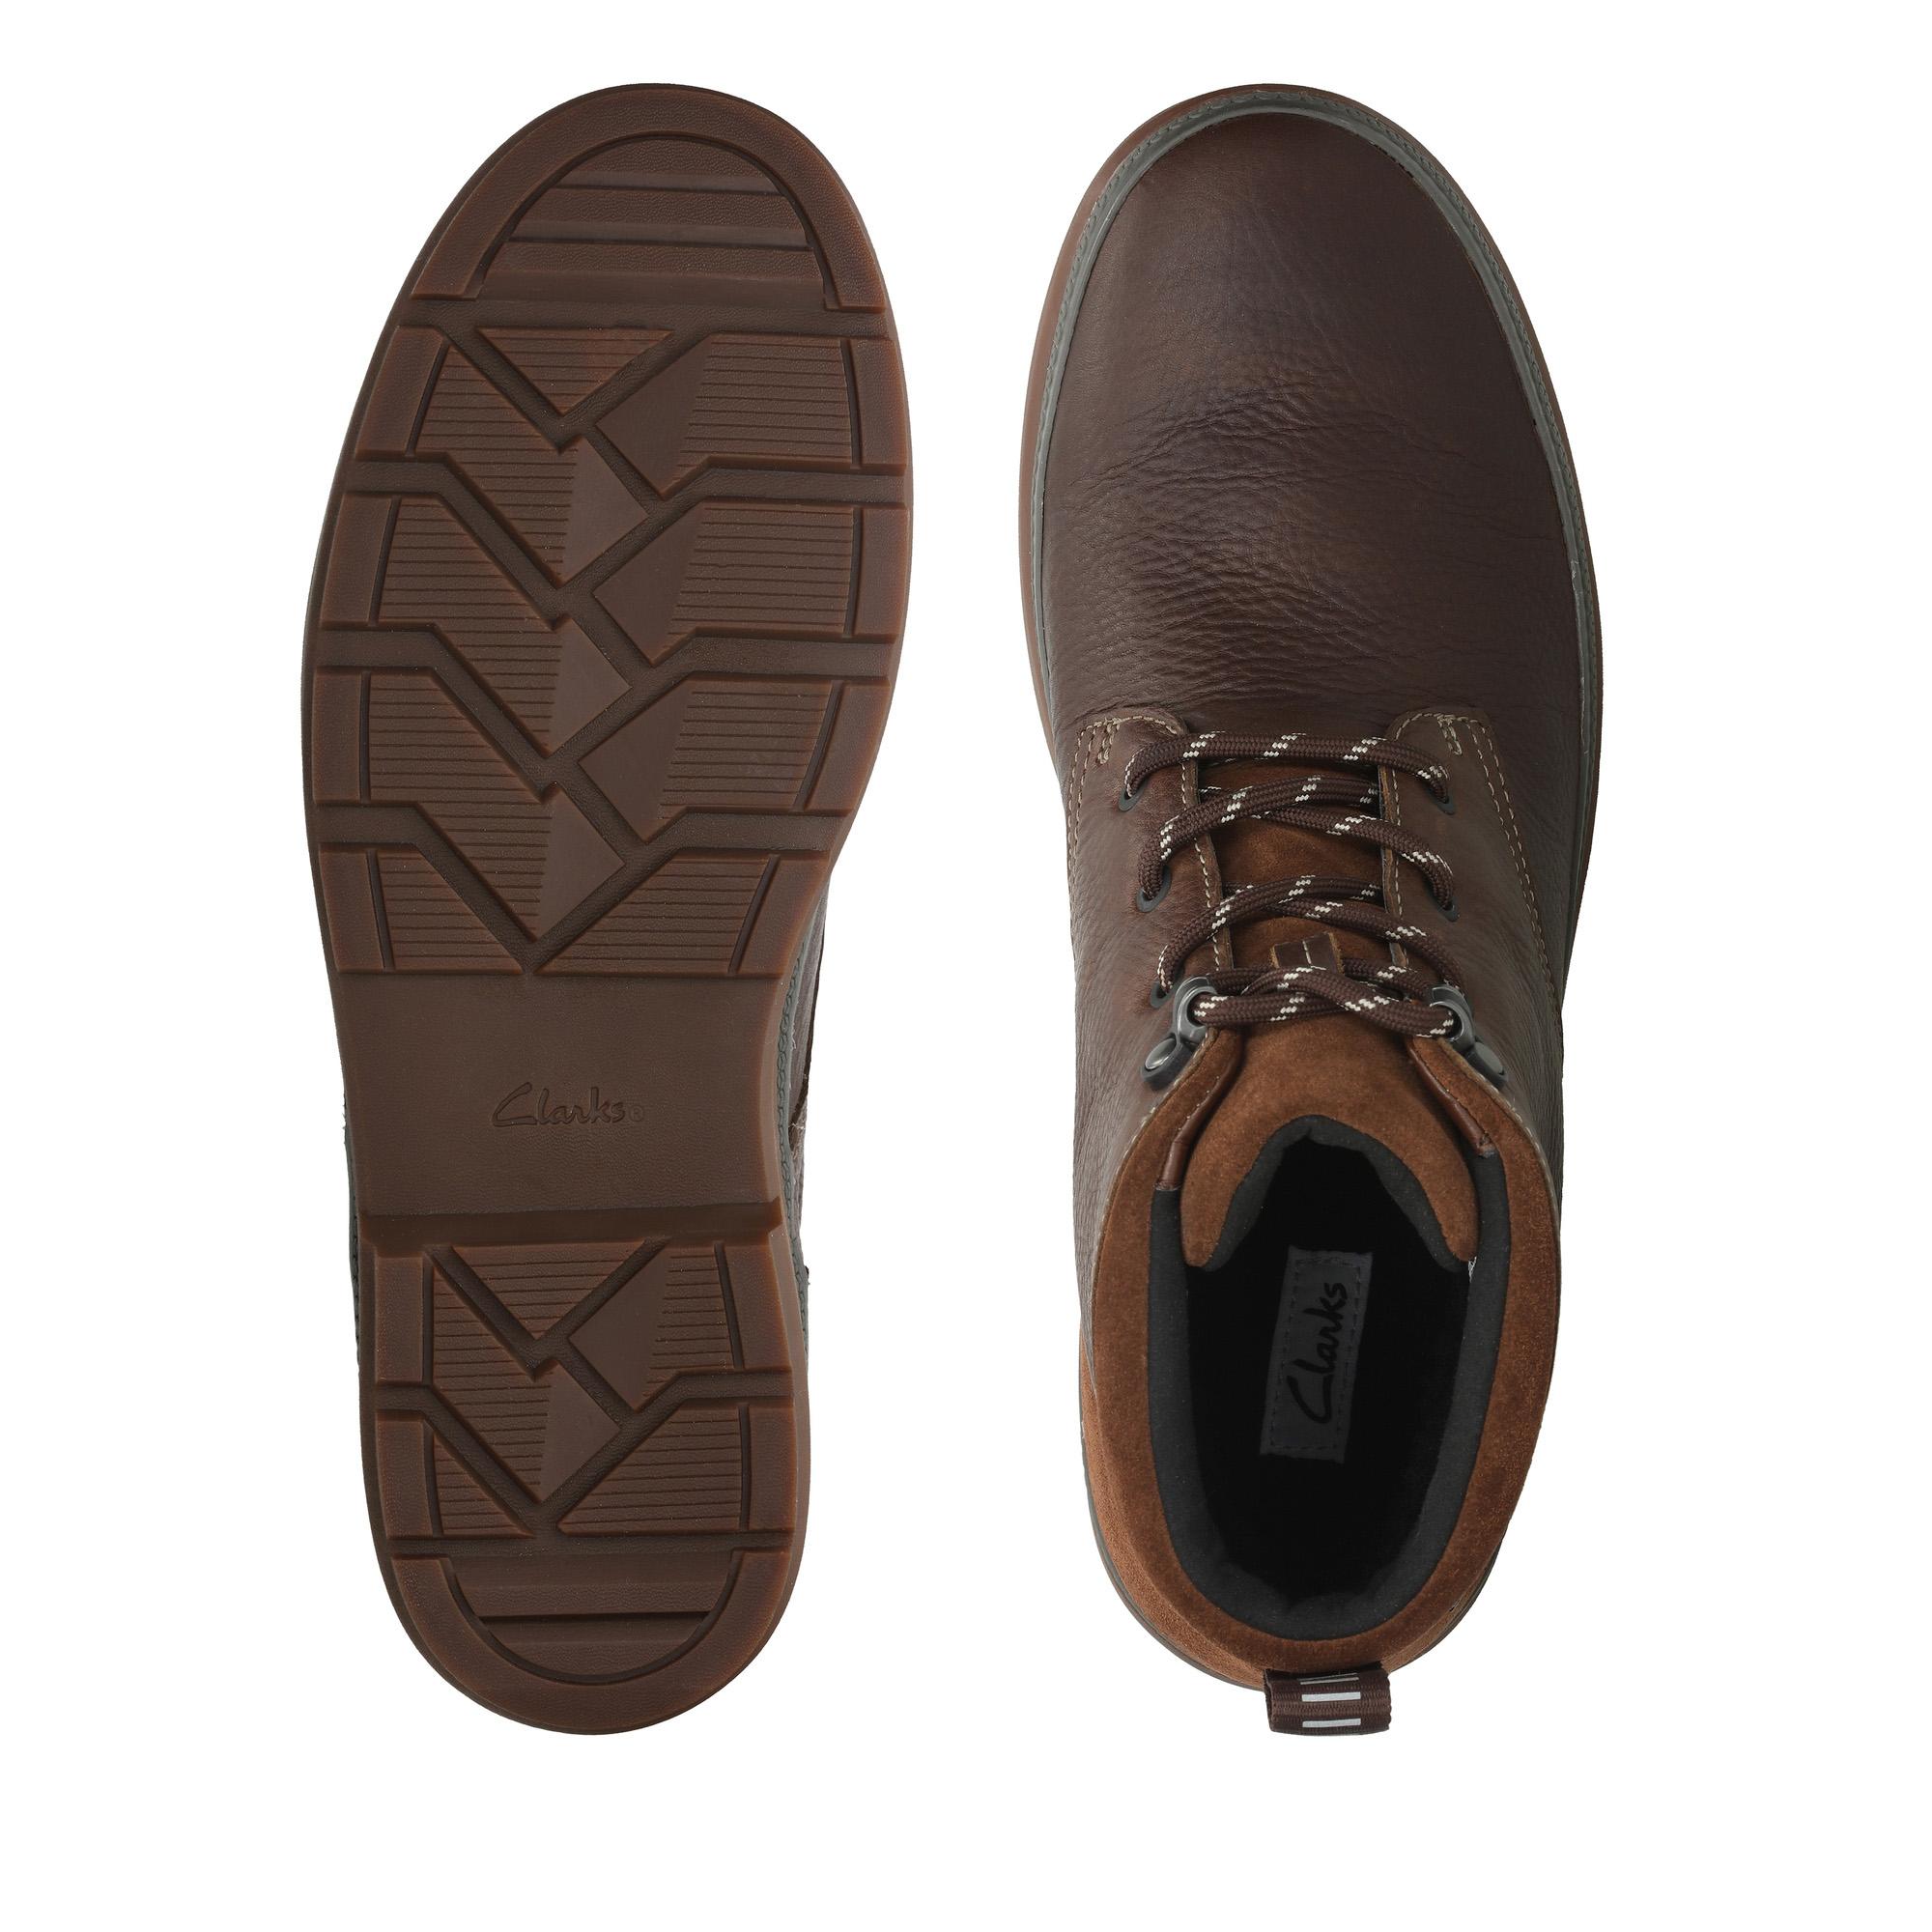 Мъжки есенни обувки Clarks Rushway Mid GTX от естествена кожа, кафяви - снимка 6